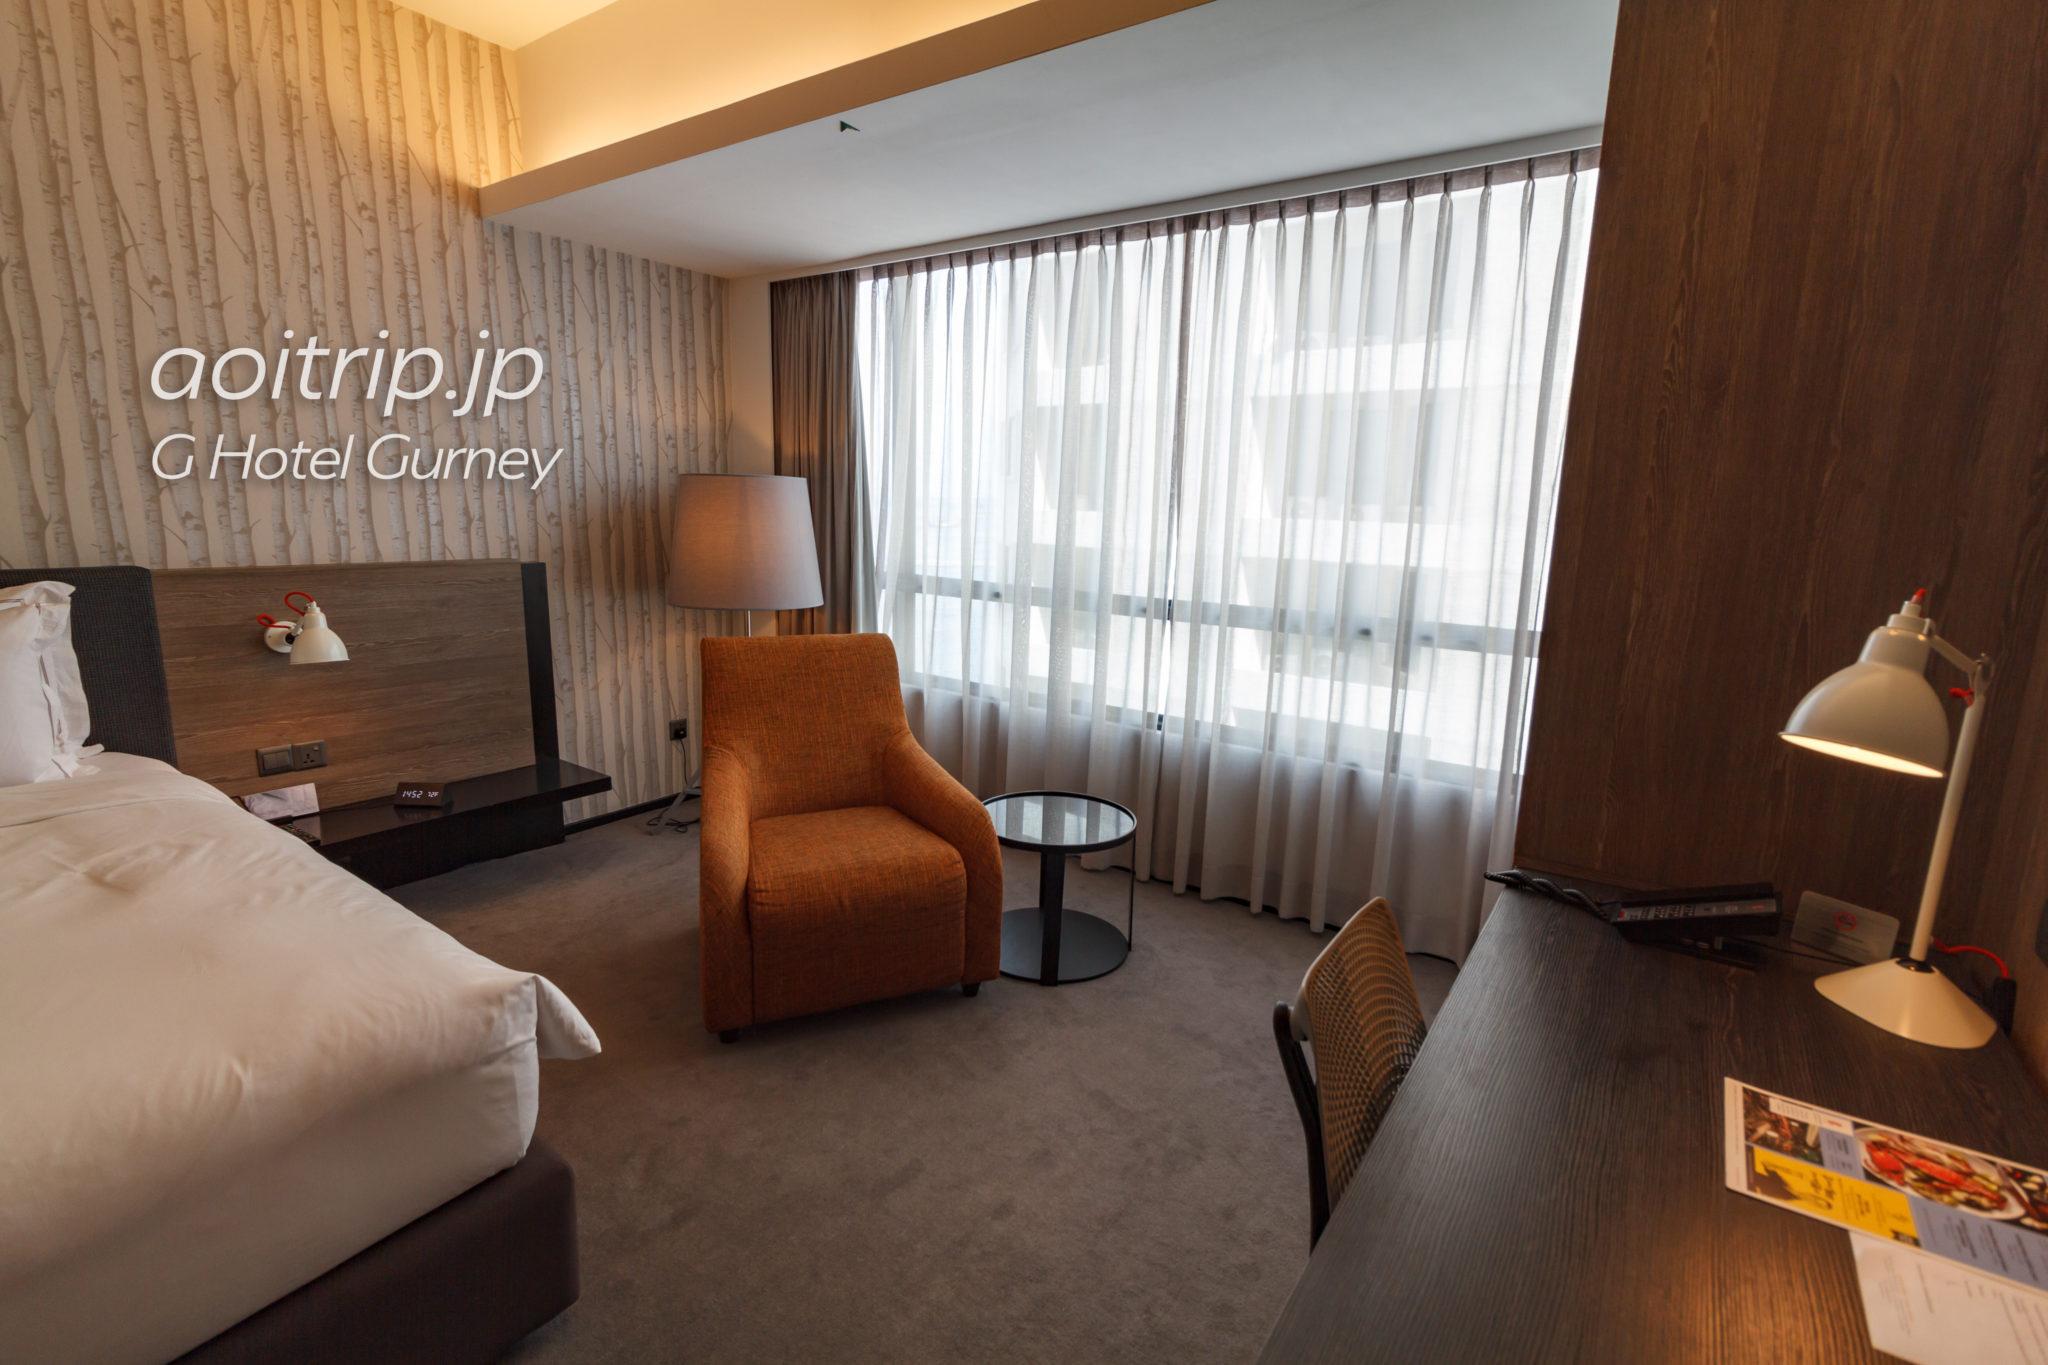 Gホテルガーニーのデラックスルーム